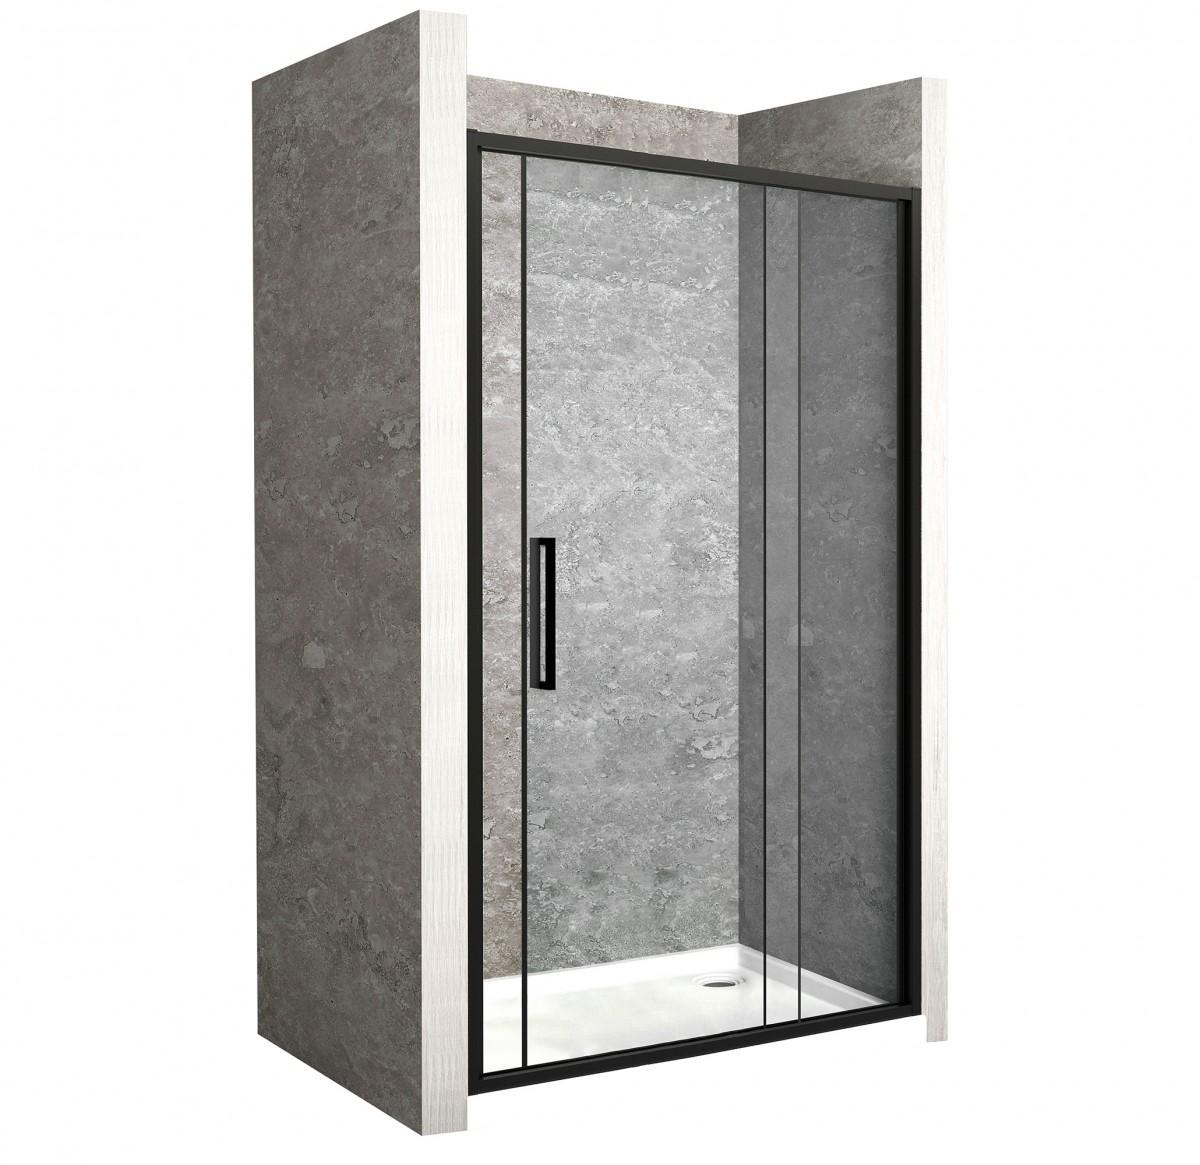 Sprchové dvere Rapid Slide 130 cm